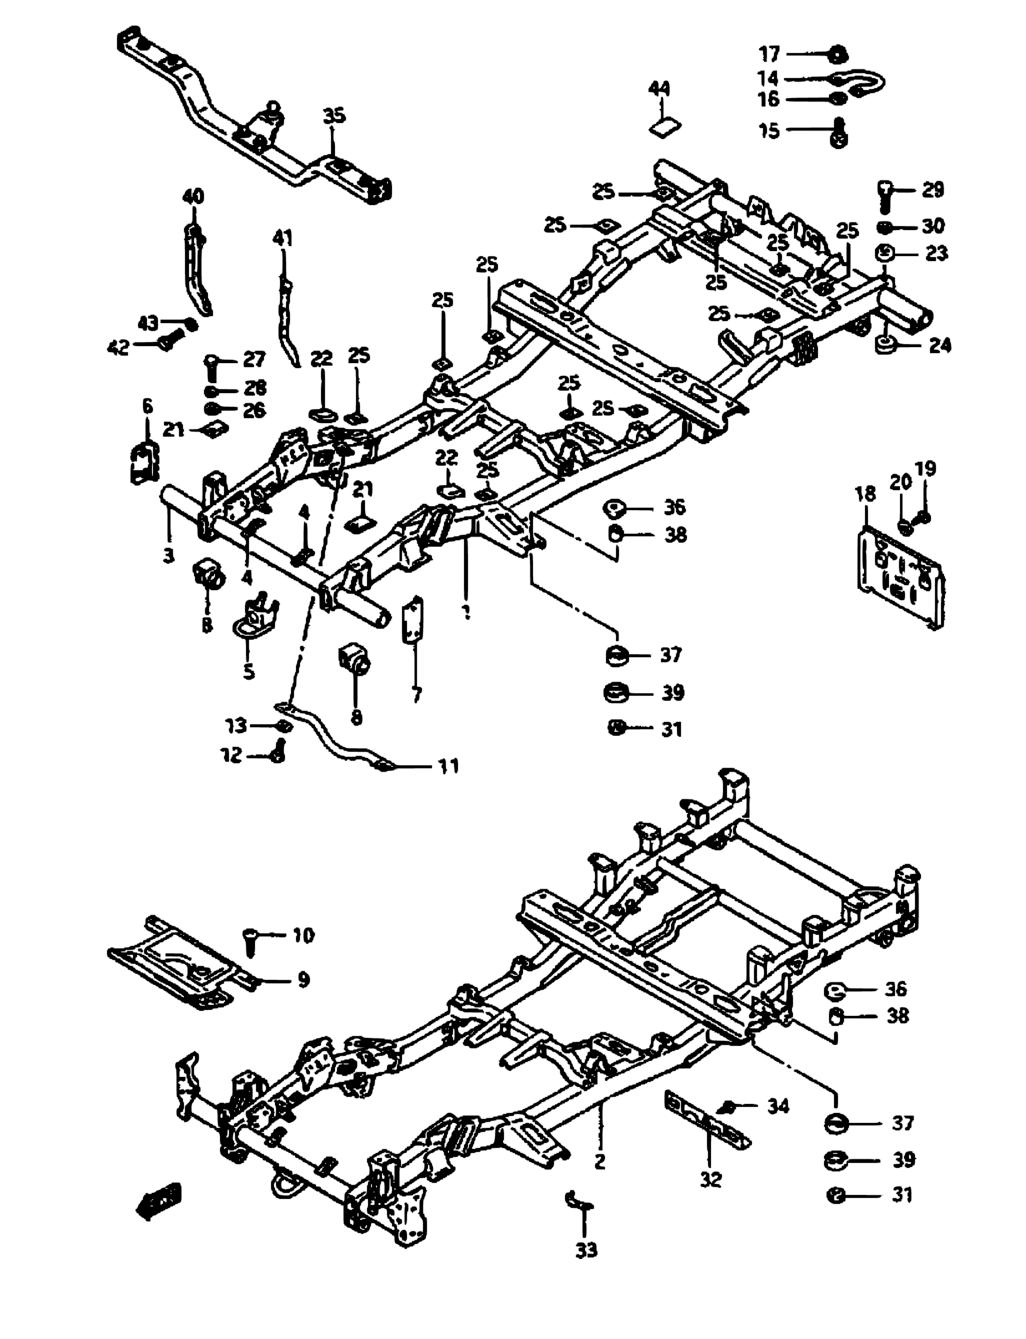 Suzuki Samurai Bumper Blueprints